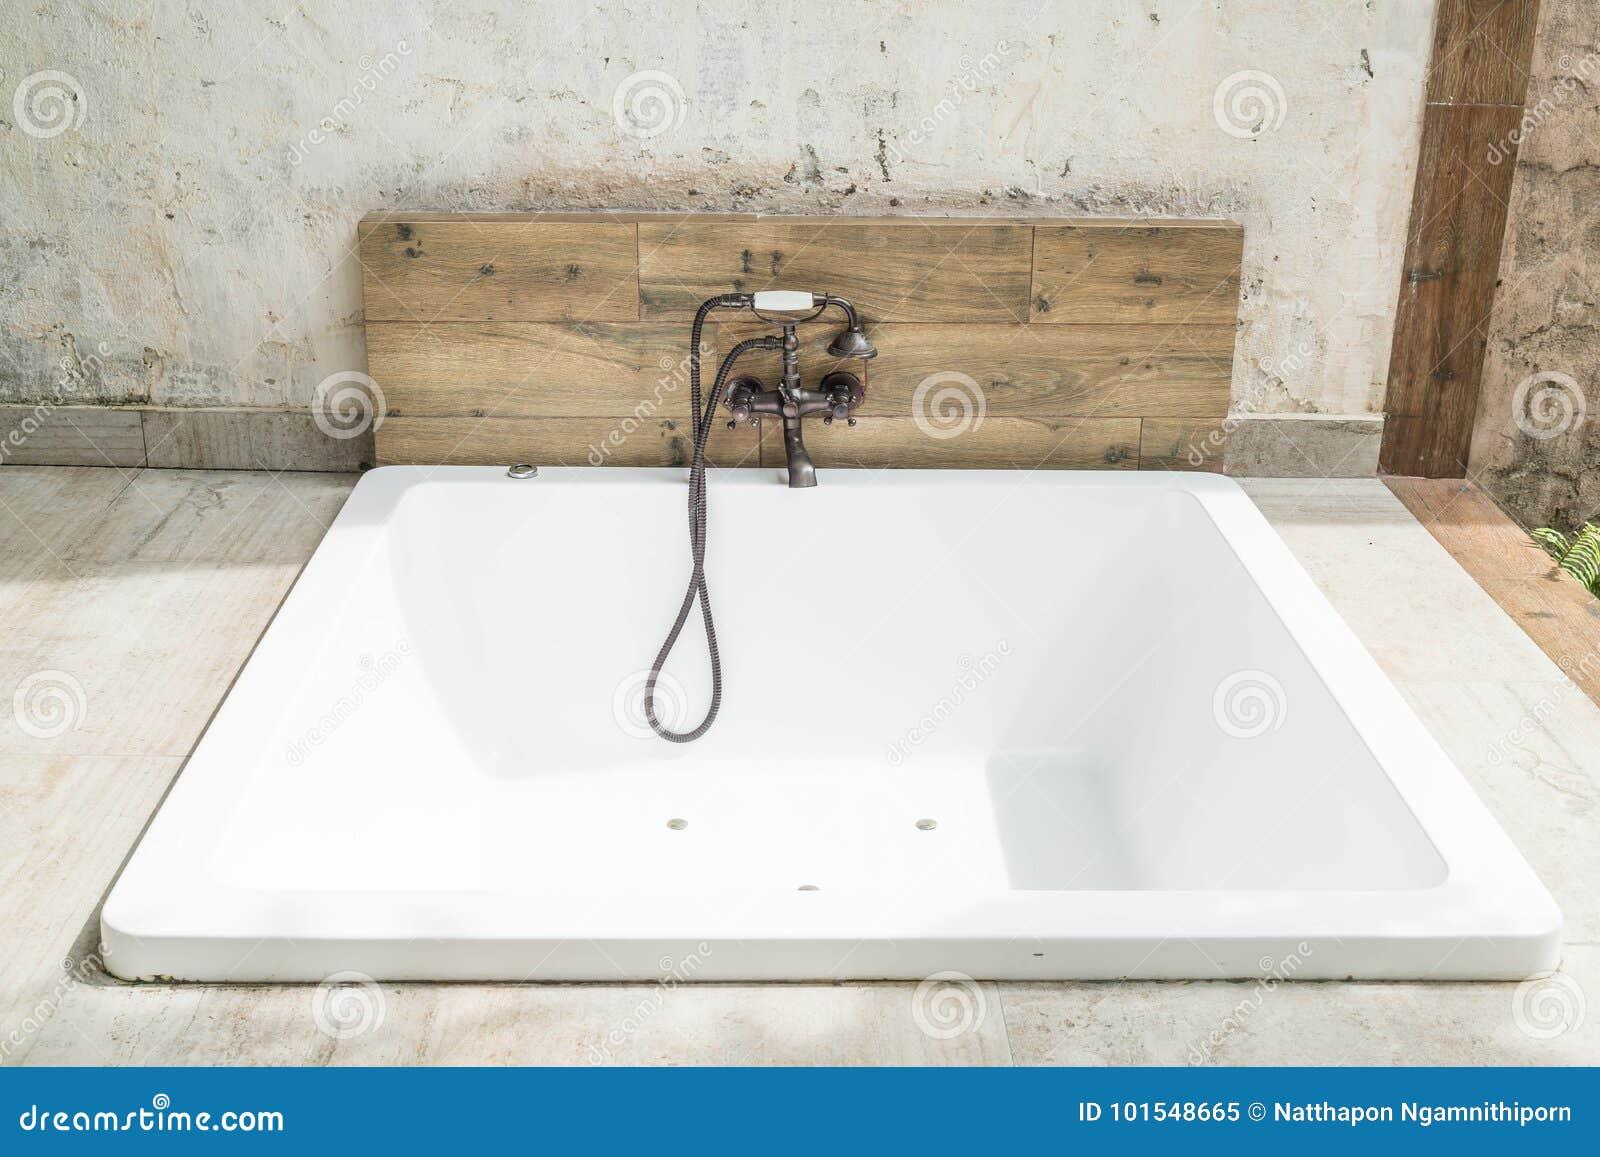 Beautiful Luxury White Modern Bathtub Decoration Stock Image - Image ...